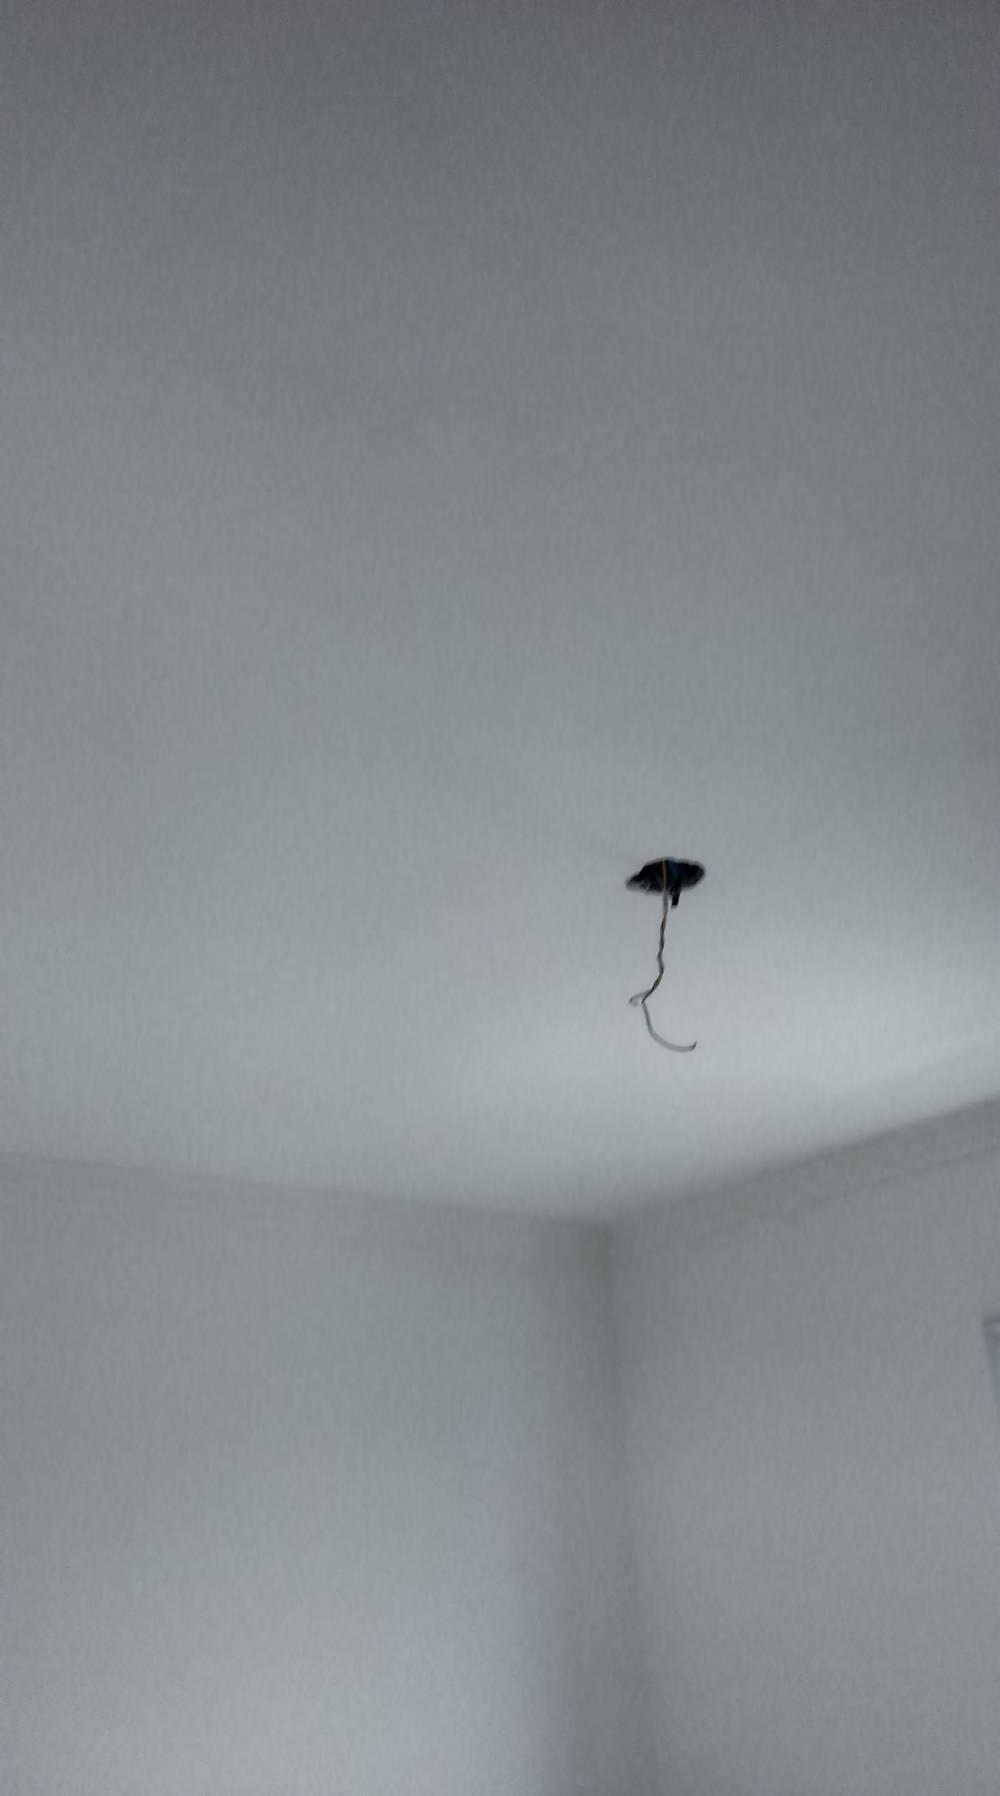 Empresa Que Faça Reparos Elétricos em Residências em Santo André - Manutenções Elétricas